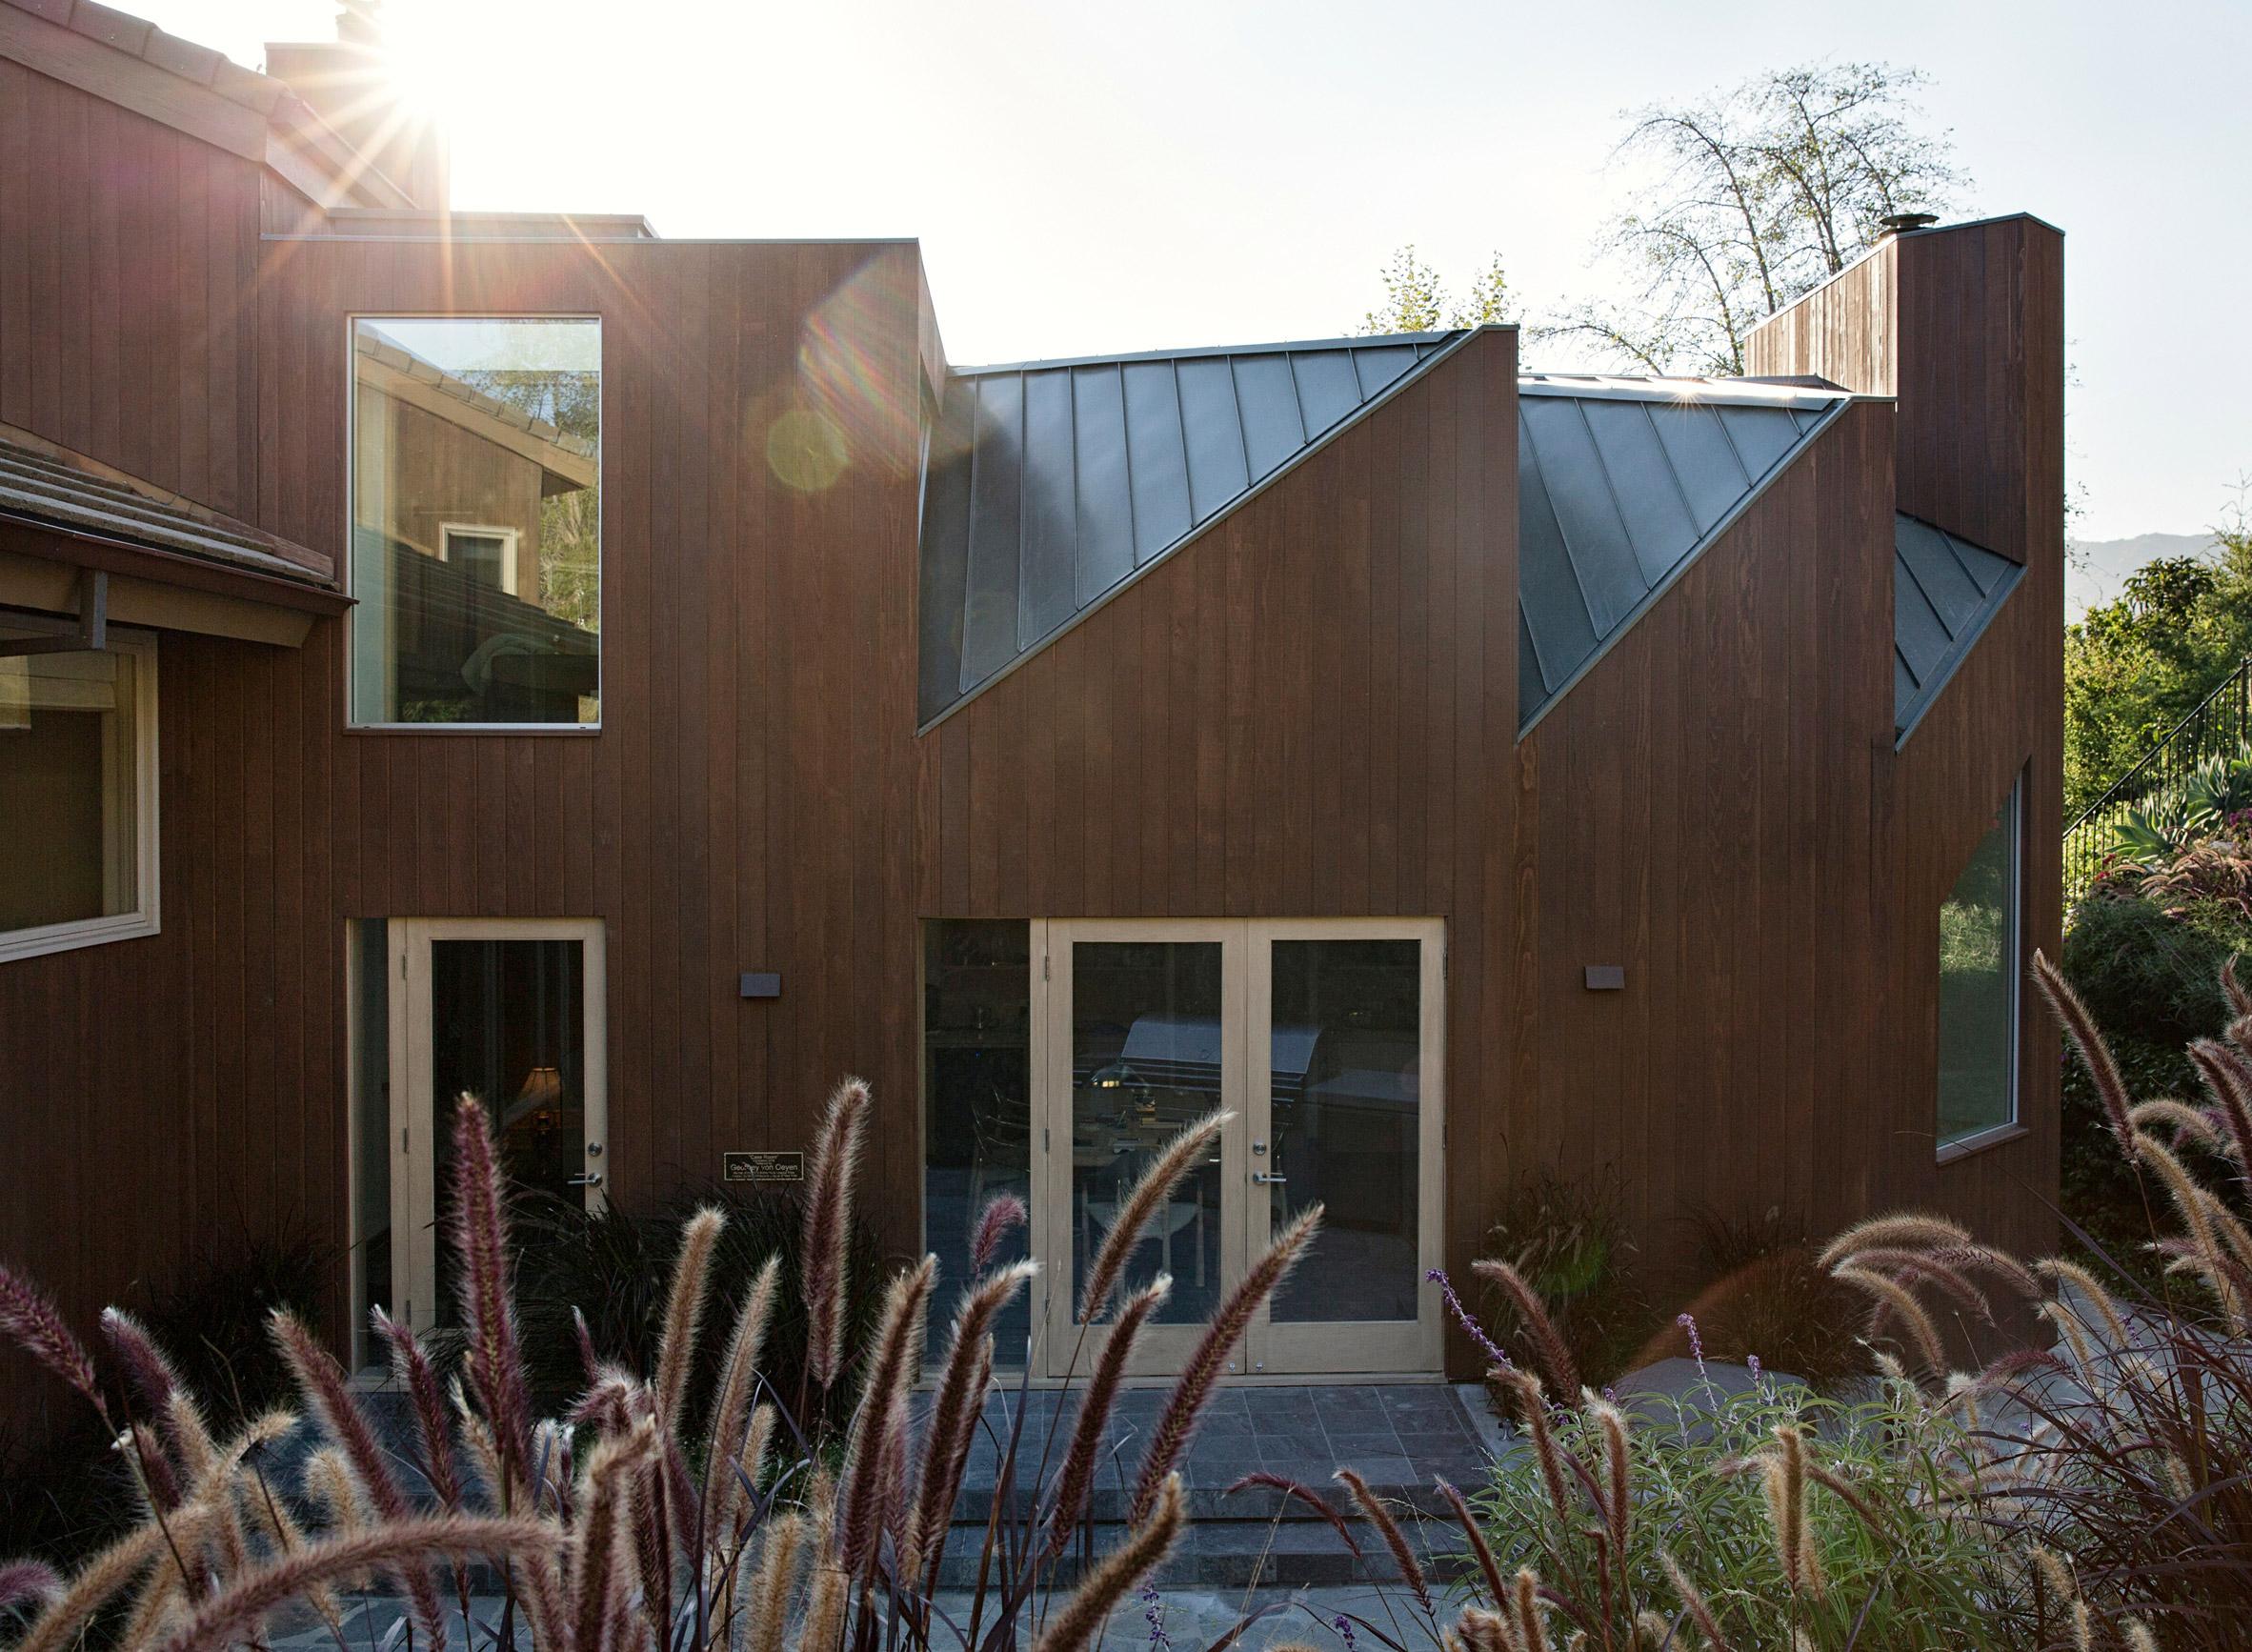 Case Room house by Geoffrey von Oeyen